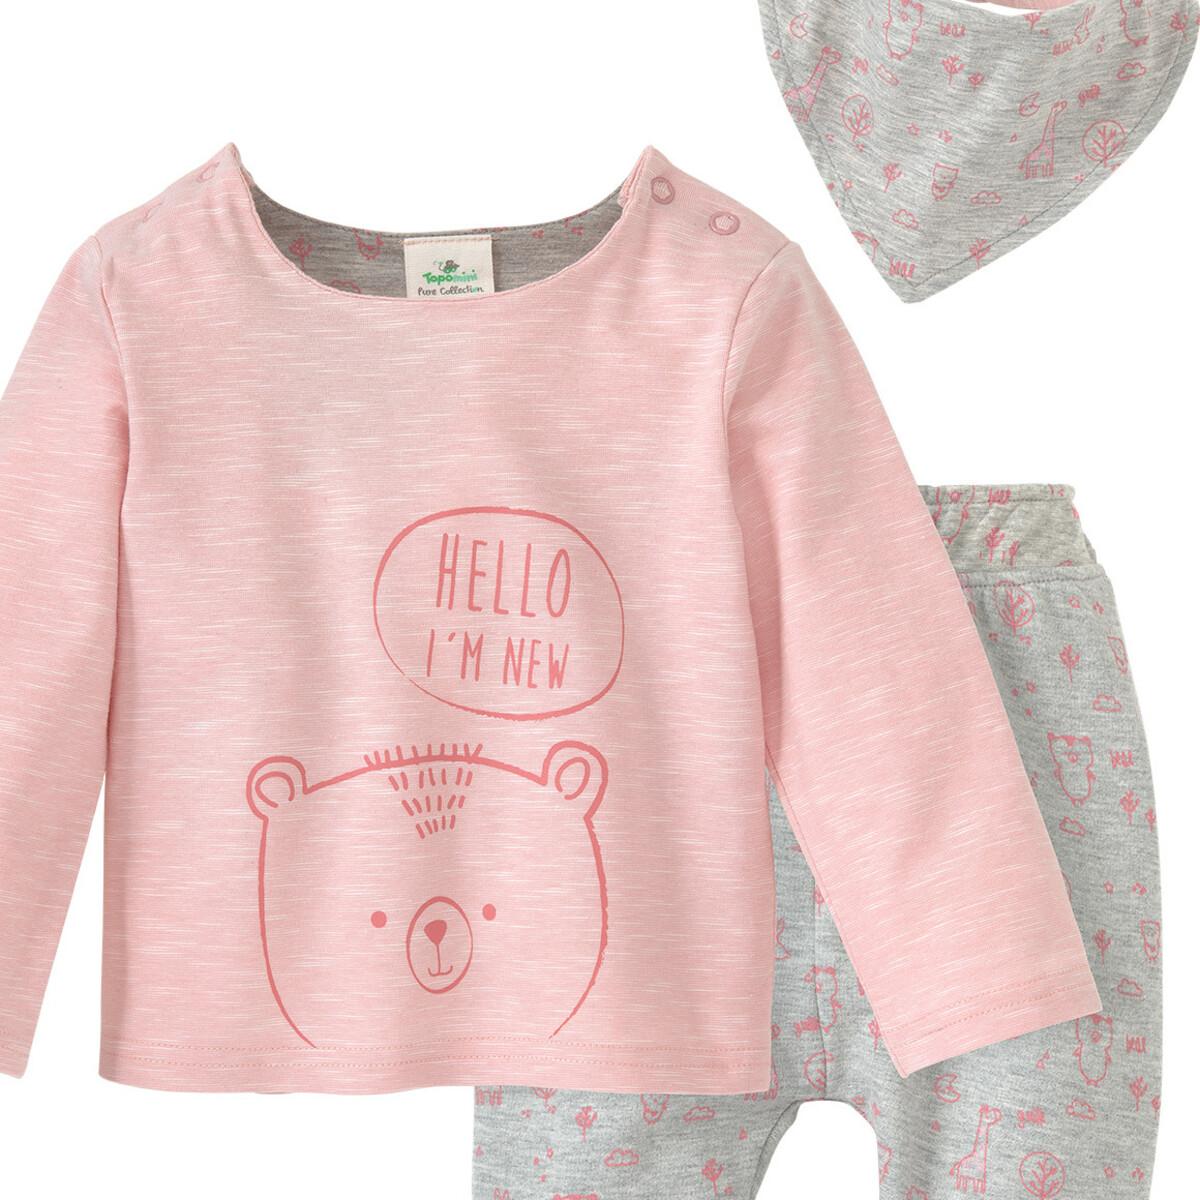 Bild 2 von Newborn Shirt, Hose und Bandana im Set